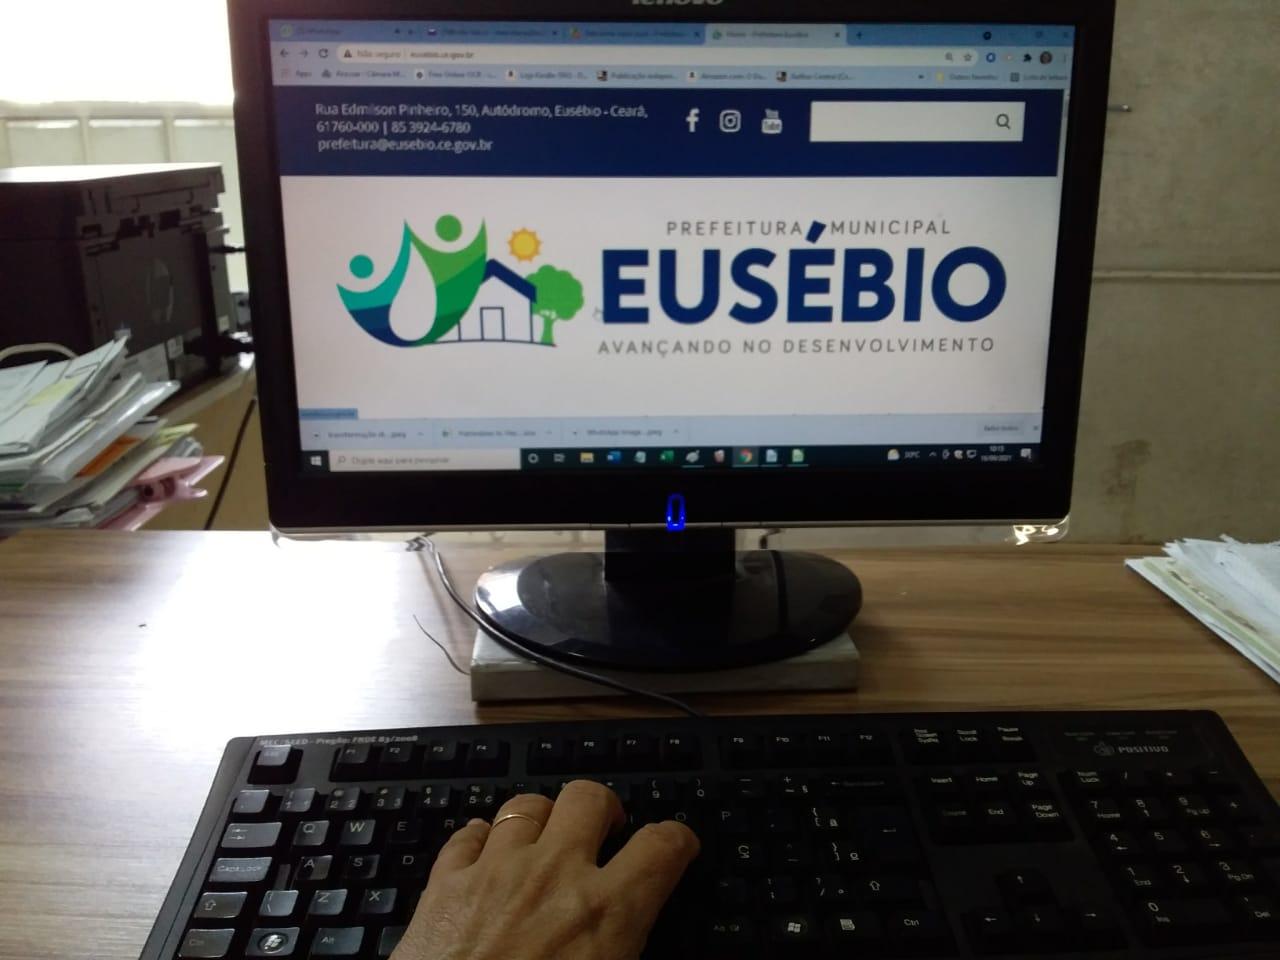 Eusébio e a Escola de Gestão do Estado firmam acordo de cooperação técnica